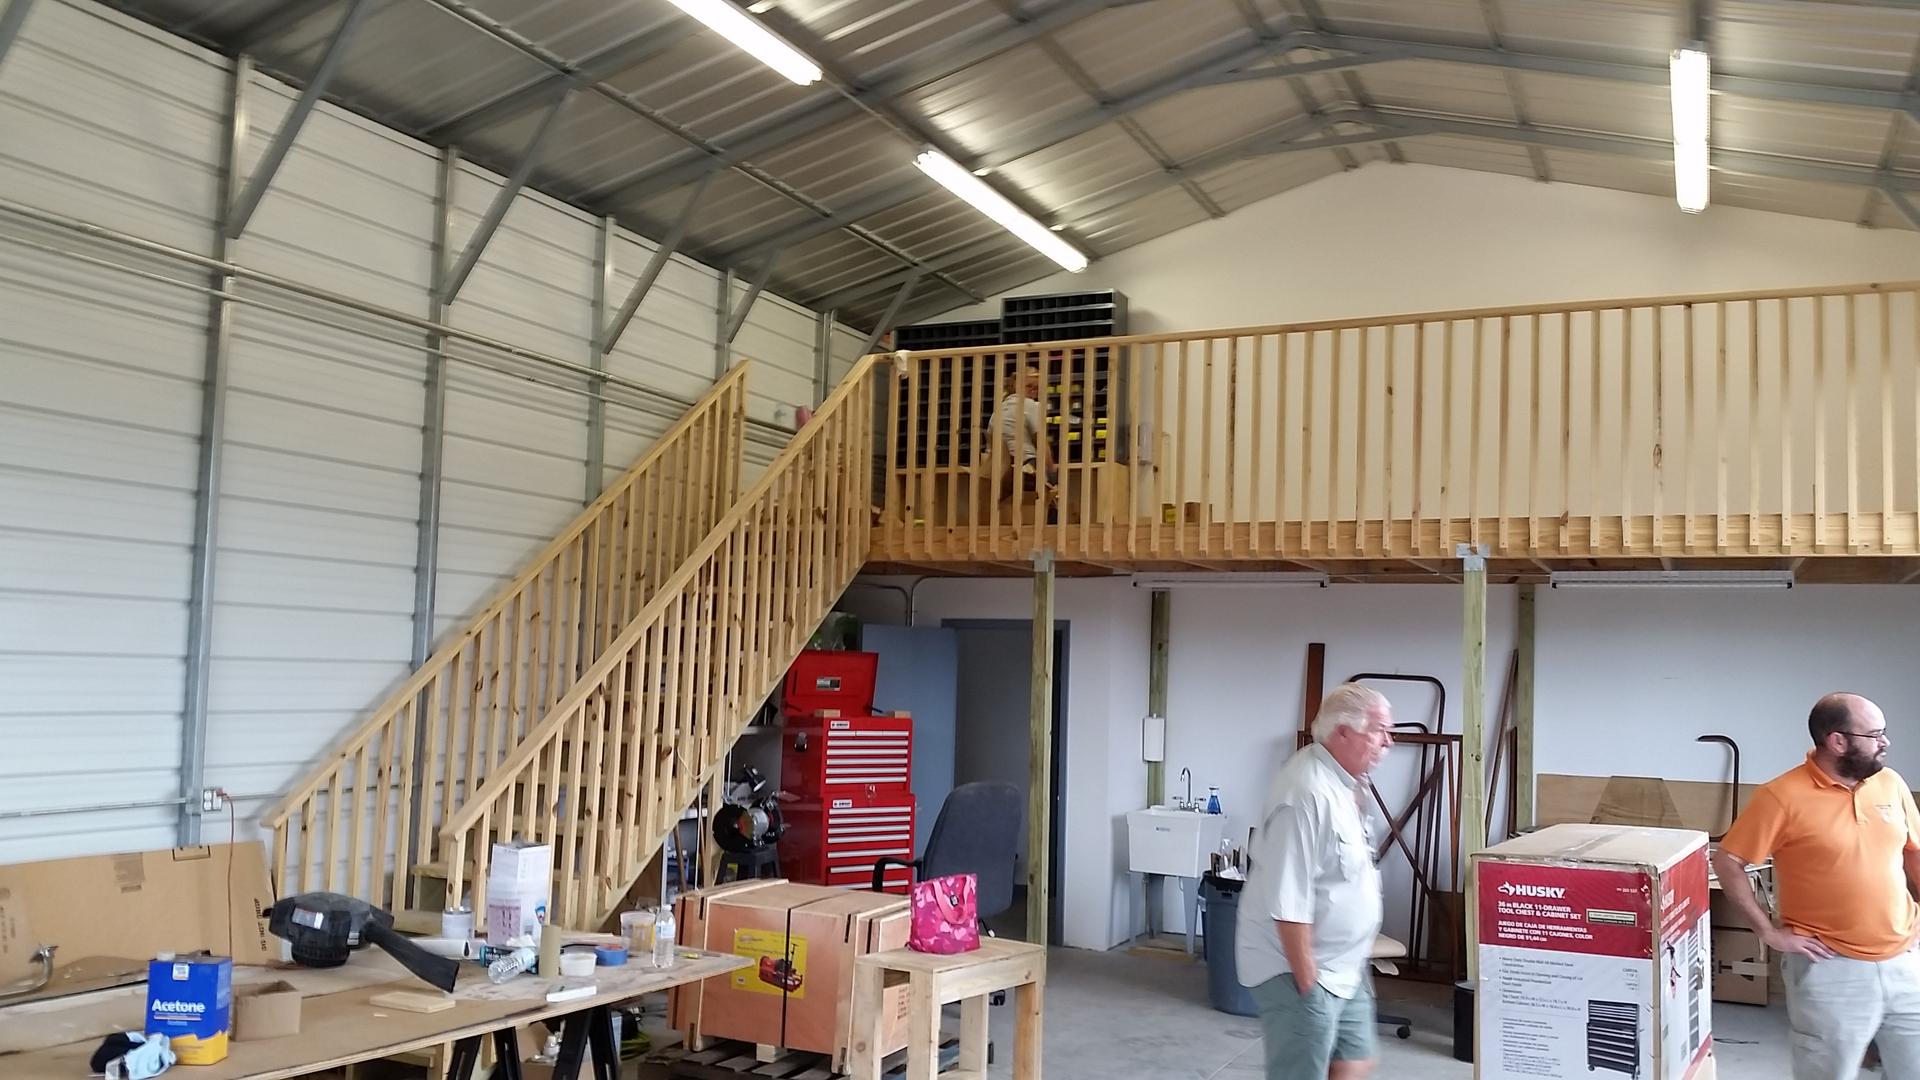 Workshop, Man Cave (or She Shed), Garage…